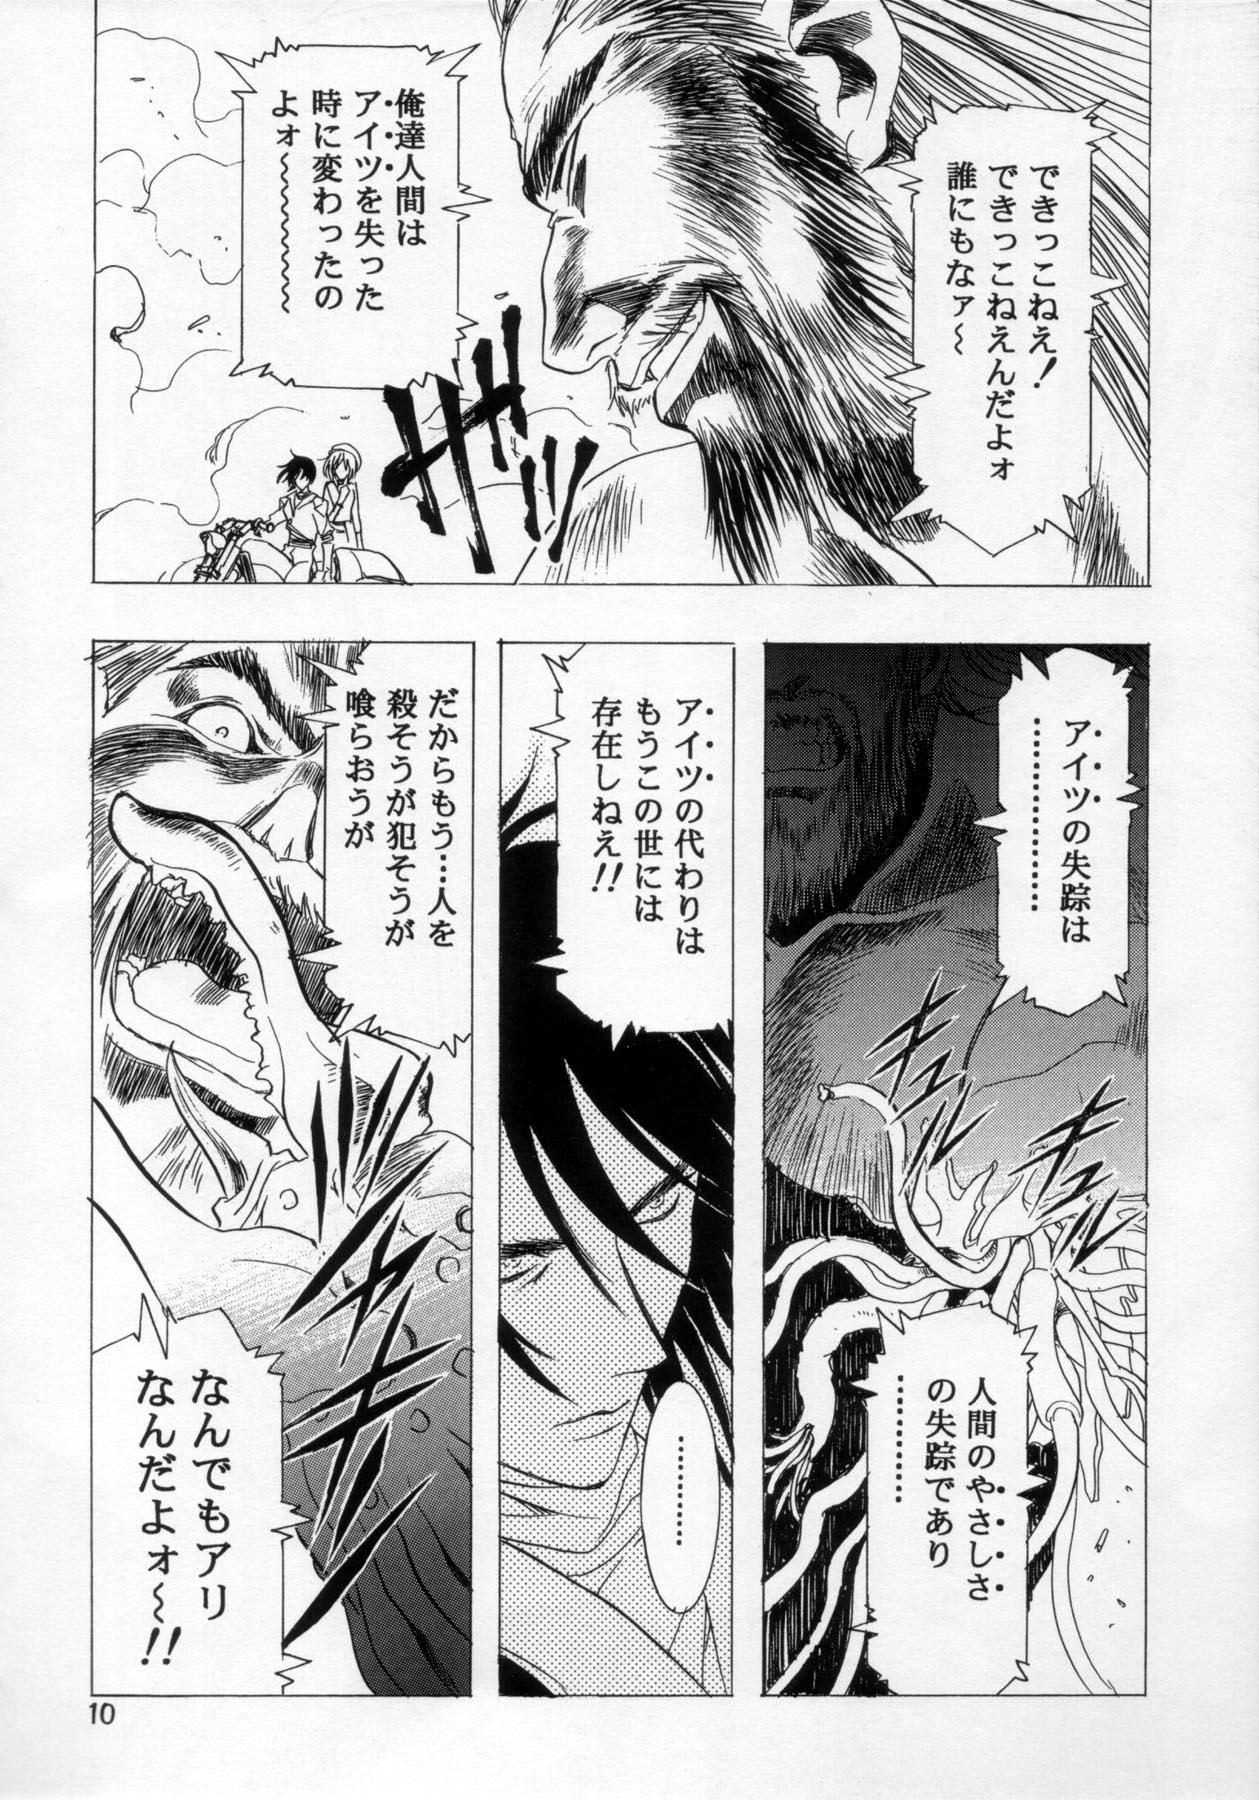 Henreikai '98 Natsu SPECIAL 10